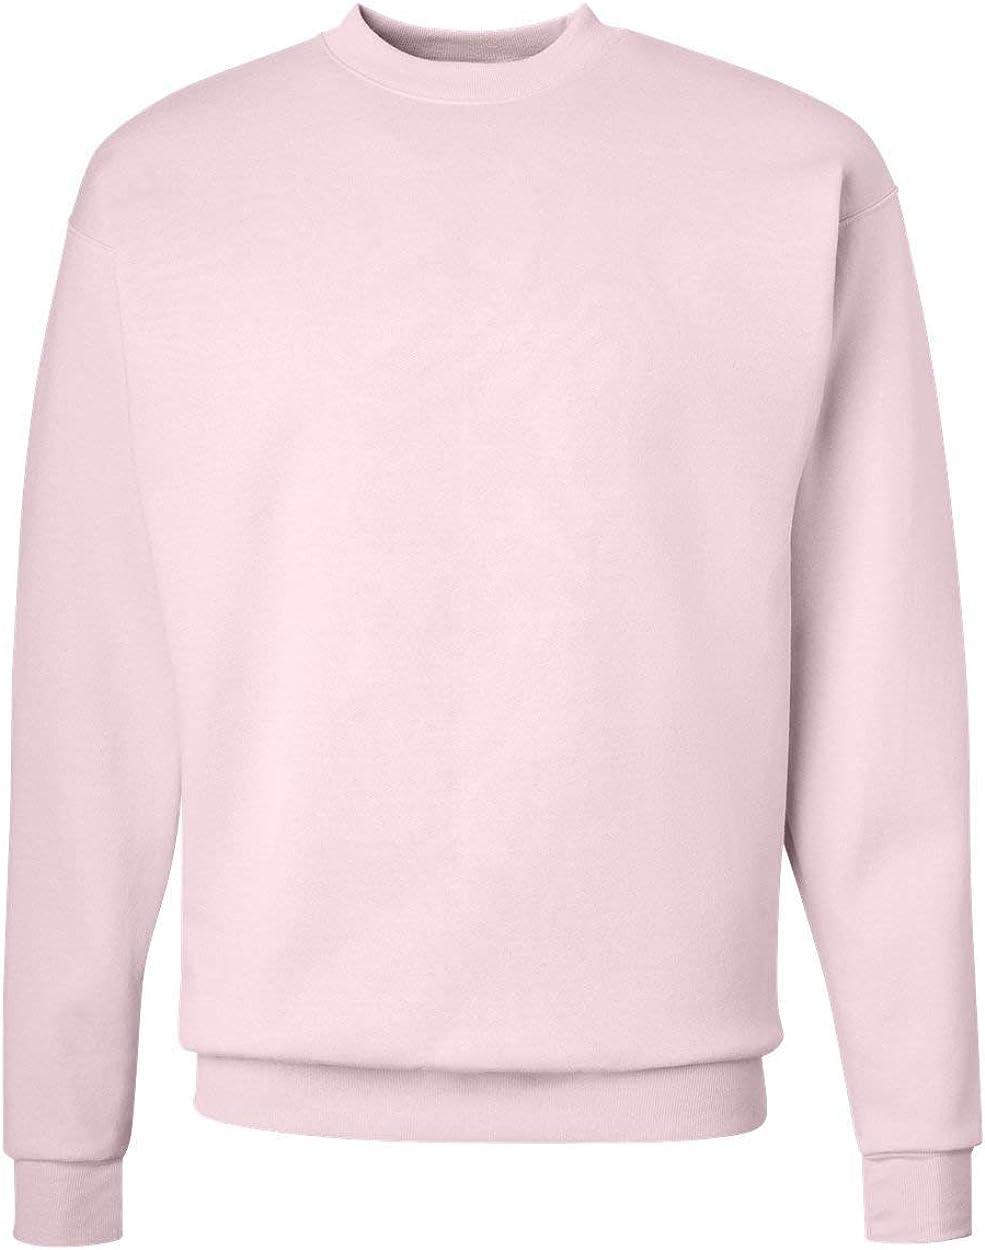 Hanes ComfortBlend EcoSmart Crew Sweatshirt_Pale Pink_4XL